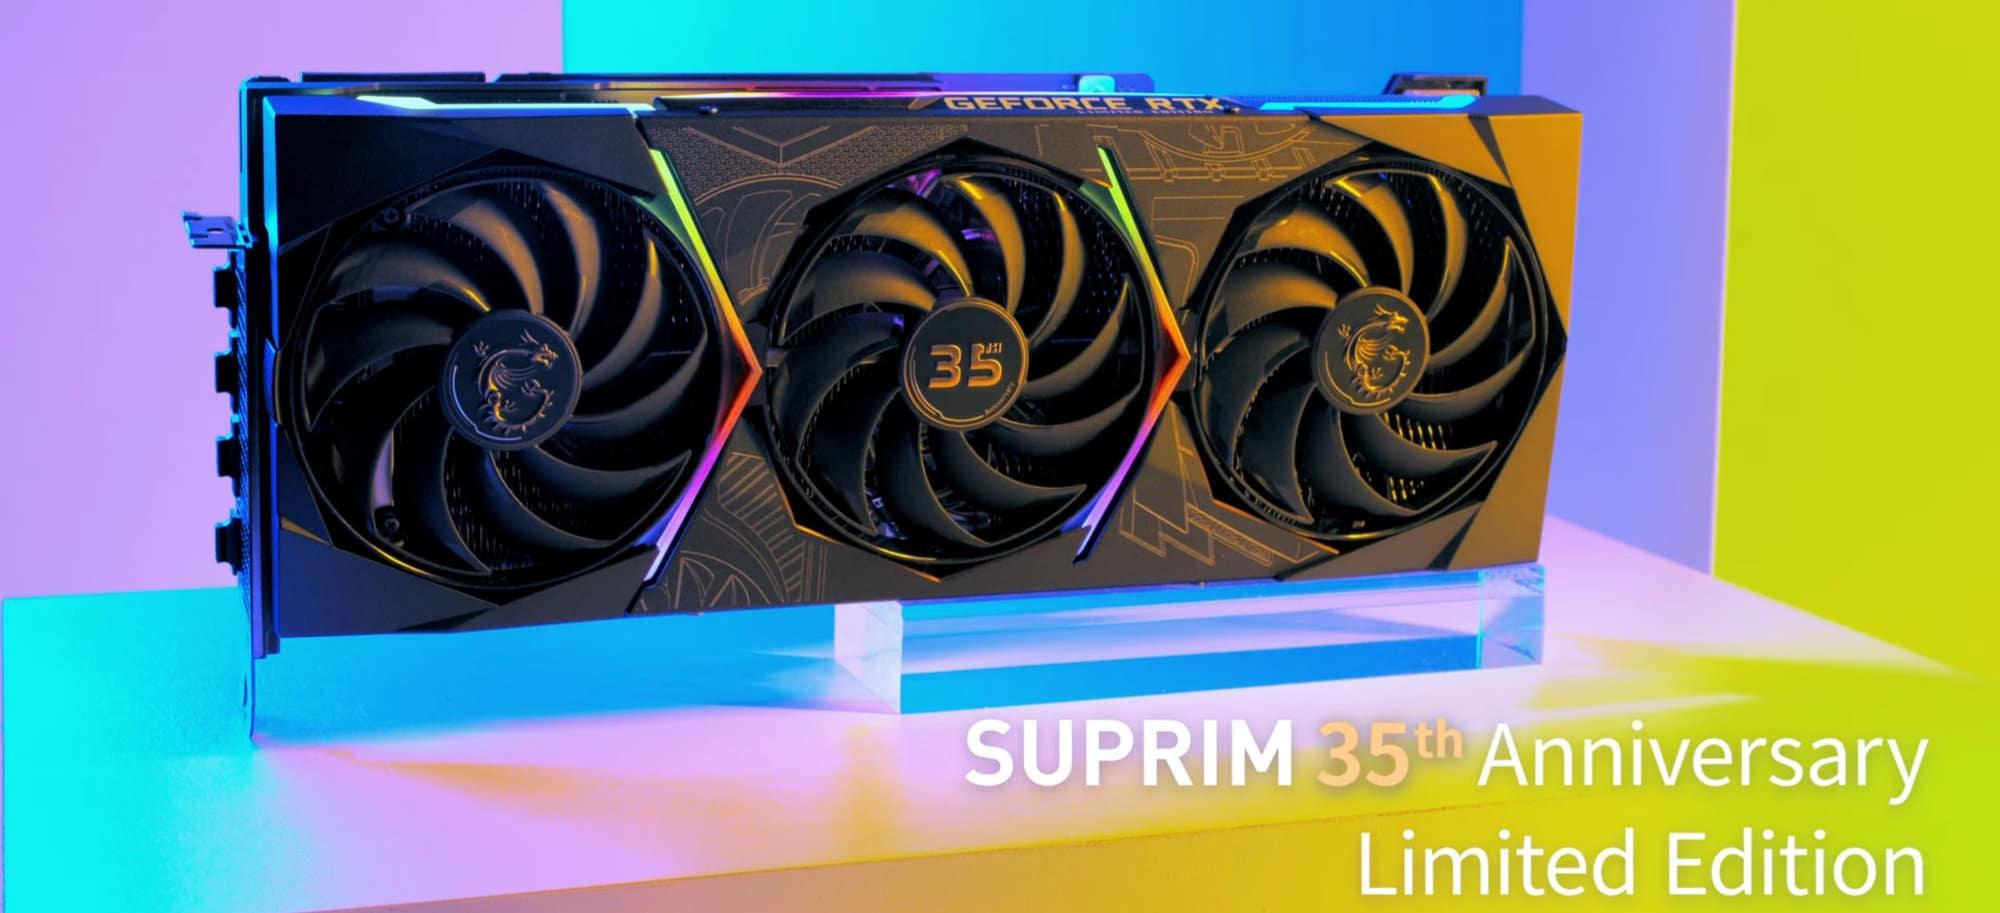 MSI celebra su 35º Aniversario con la MSI GeForce RTX 3090 SUPRIM Anniversay Limited Edition